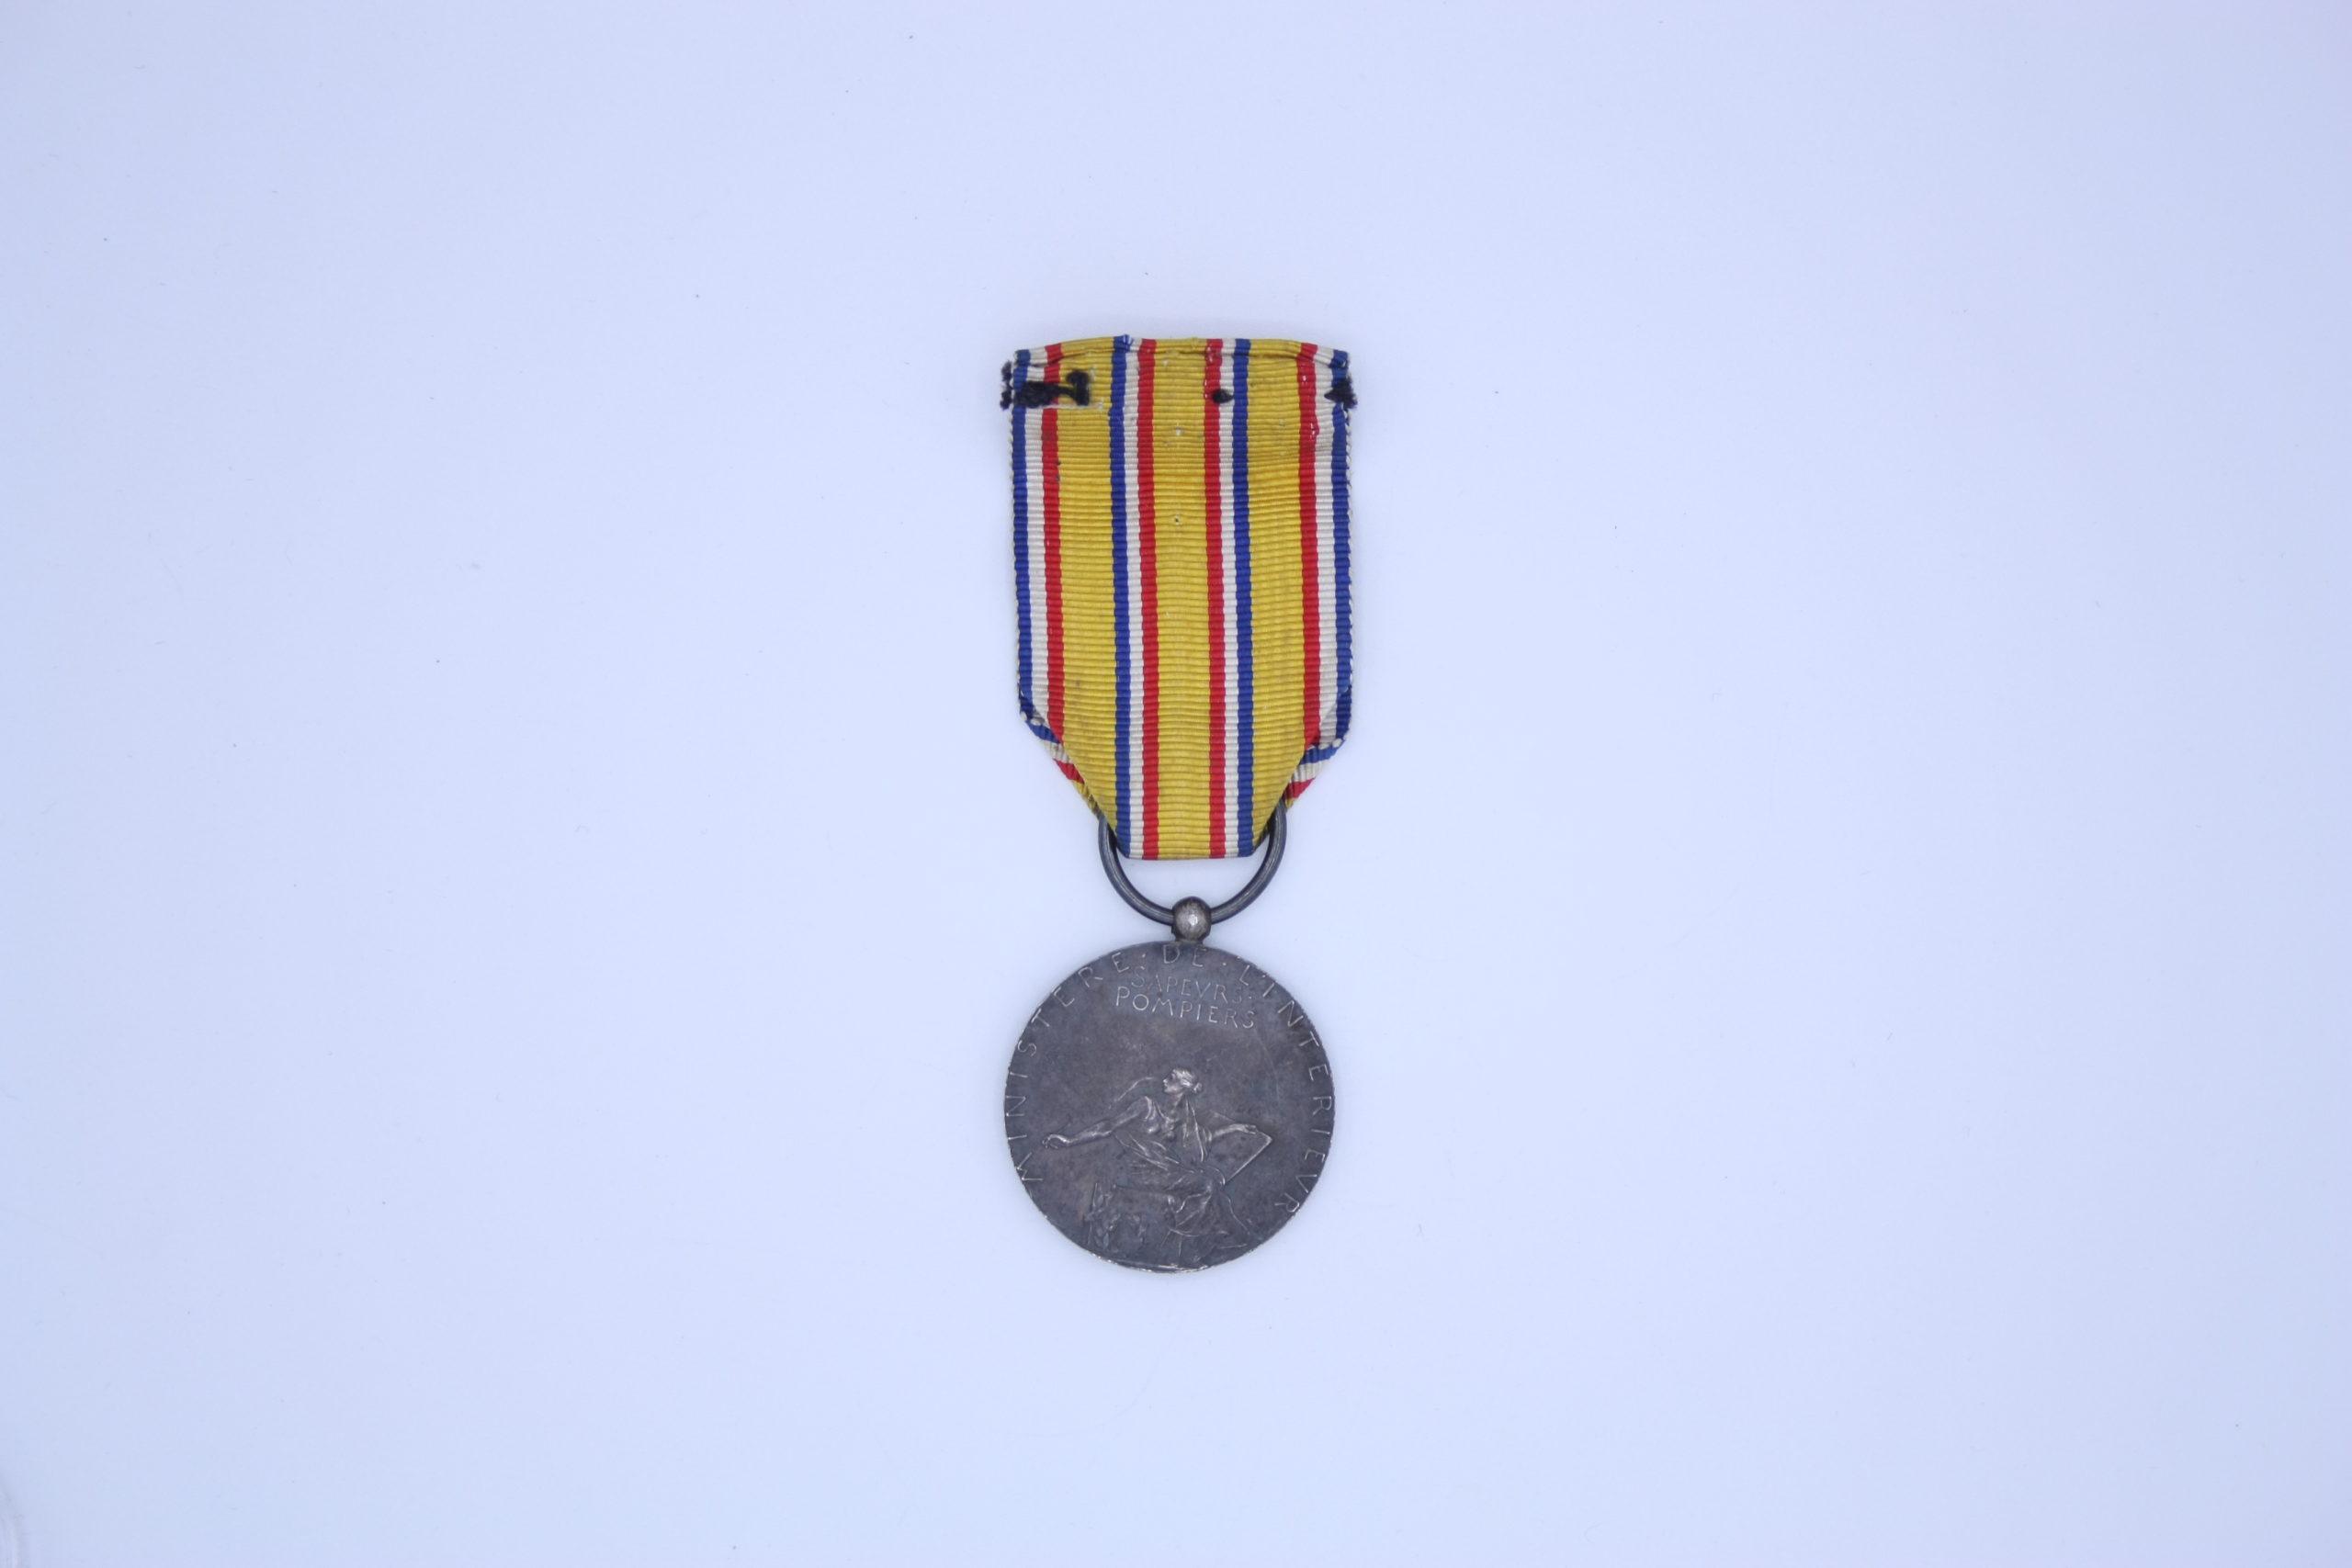 Décoration Française - Médaille Sapeur-Pompier - Ministère de l'intérieur